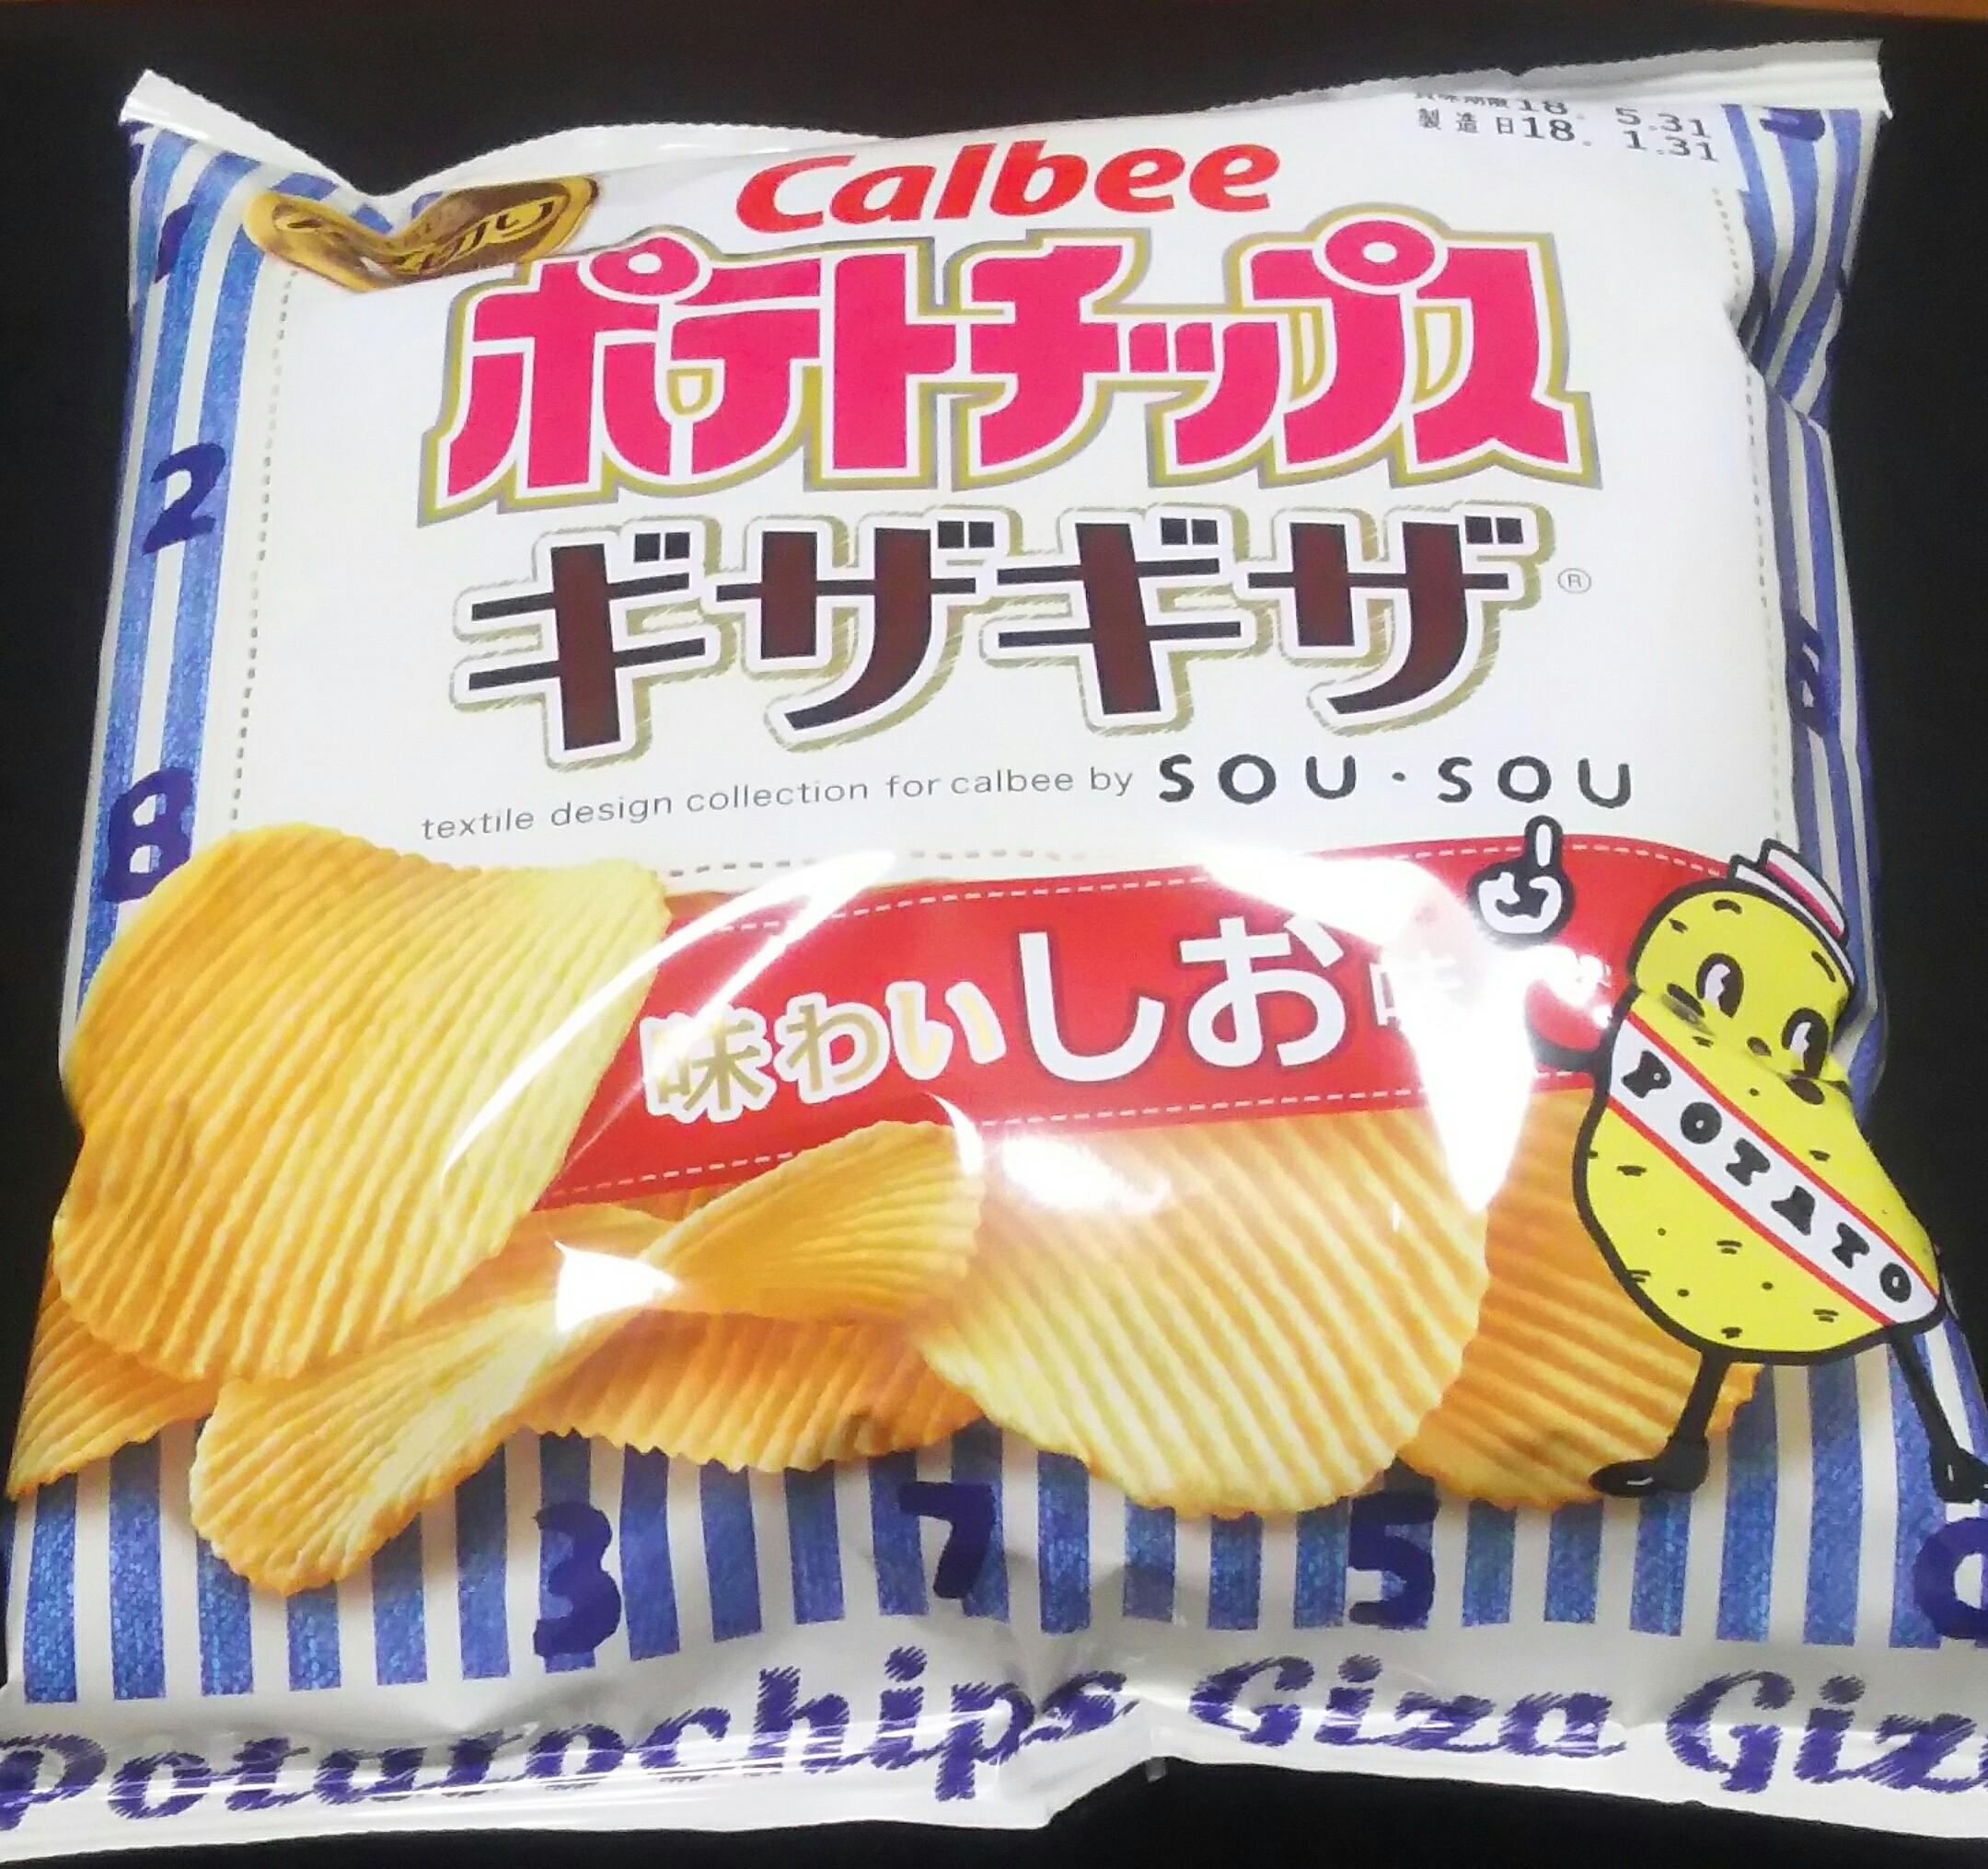 ポテトチップスギザギザ® 味わいしお味(カルビー)感想・レビュー